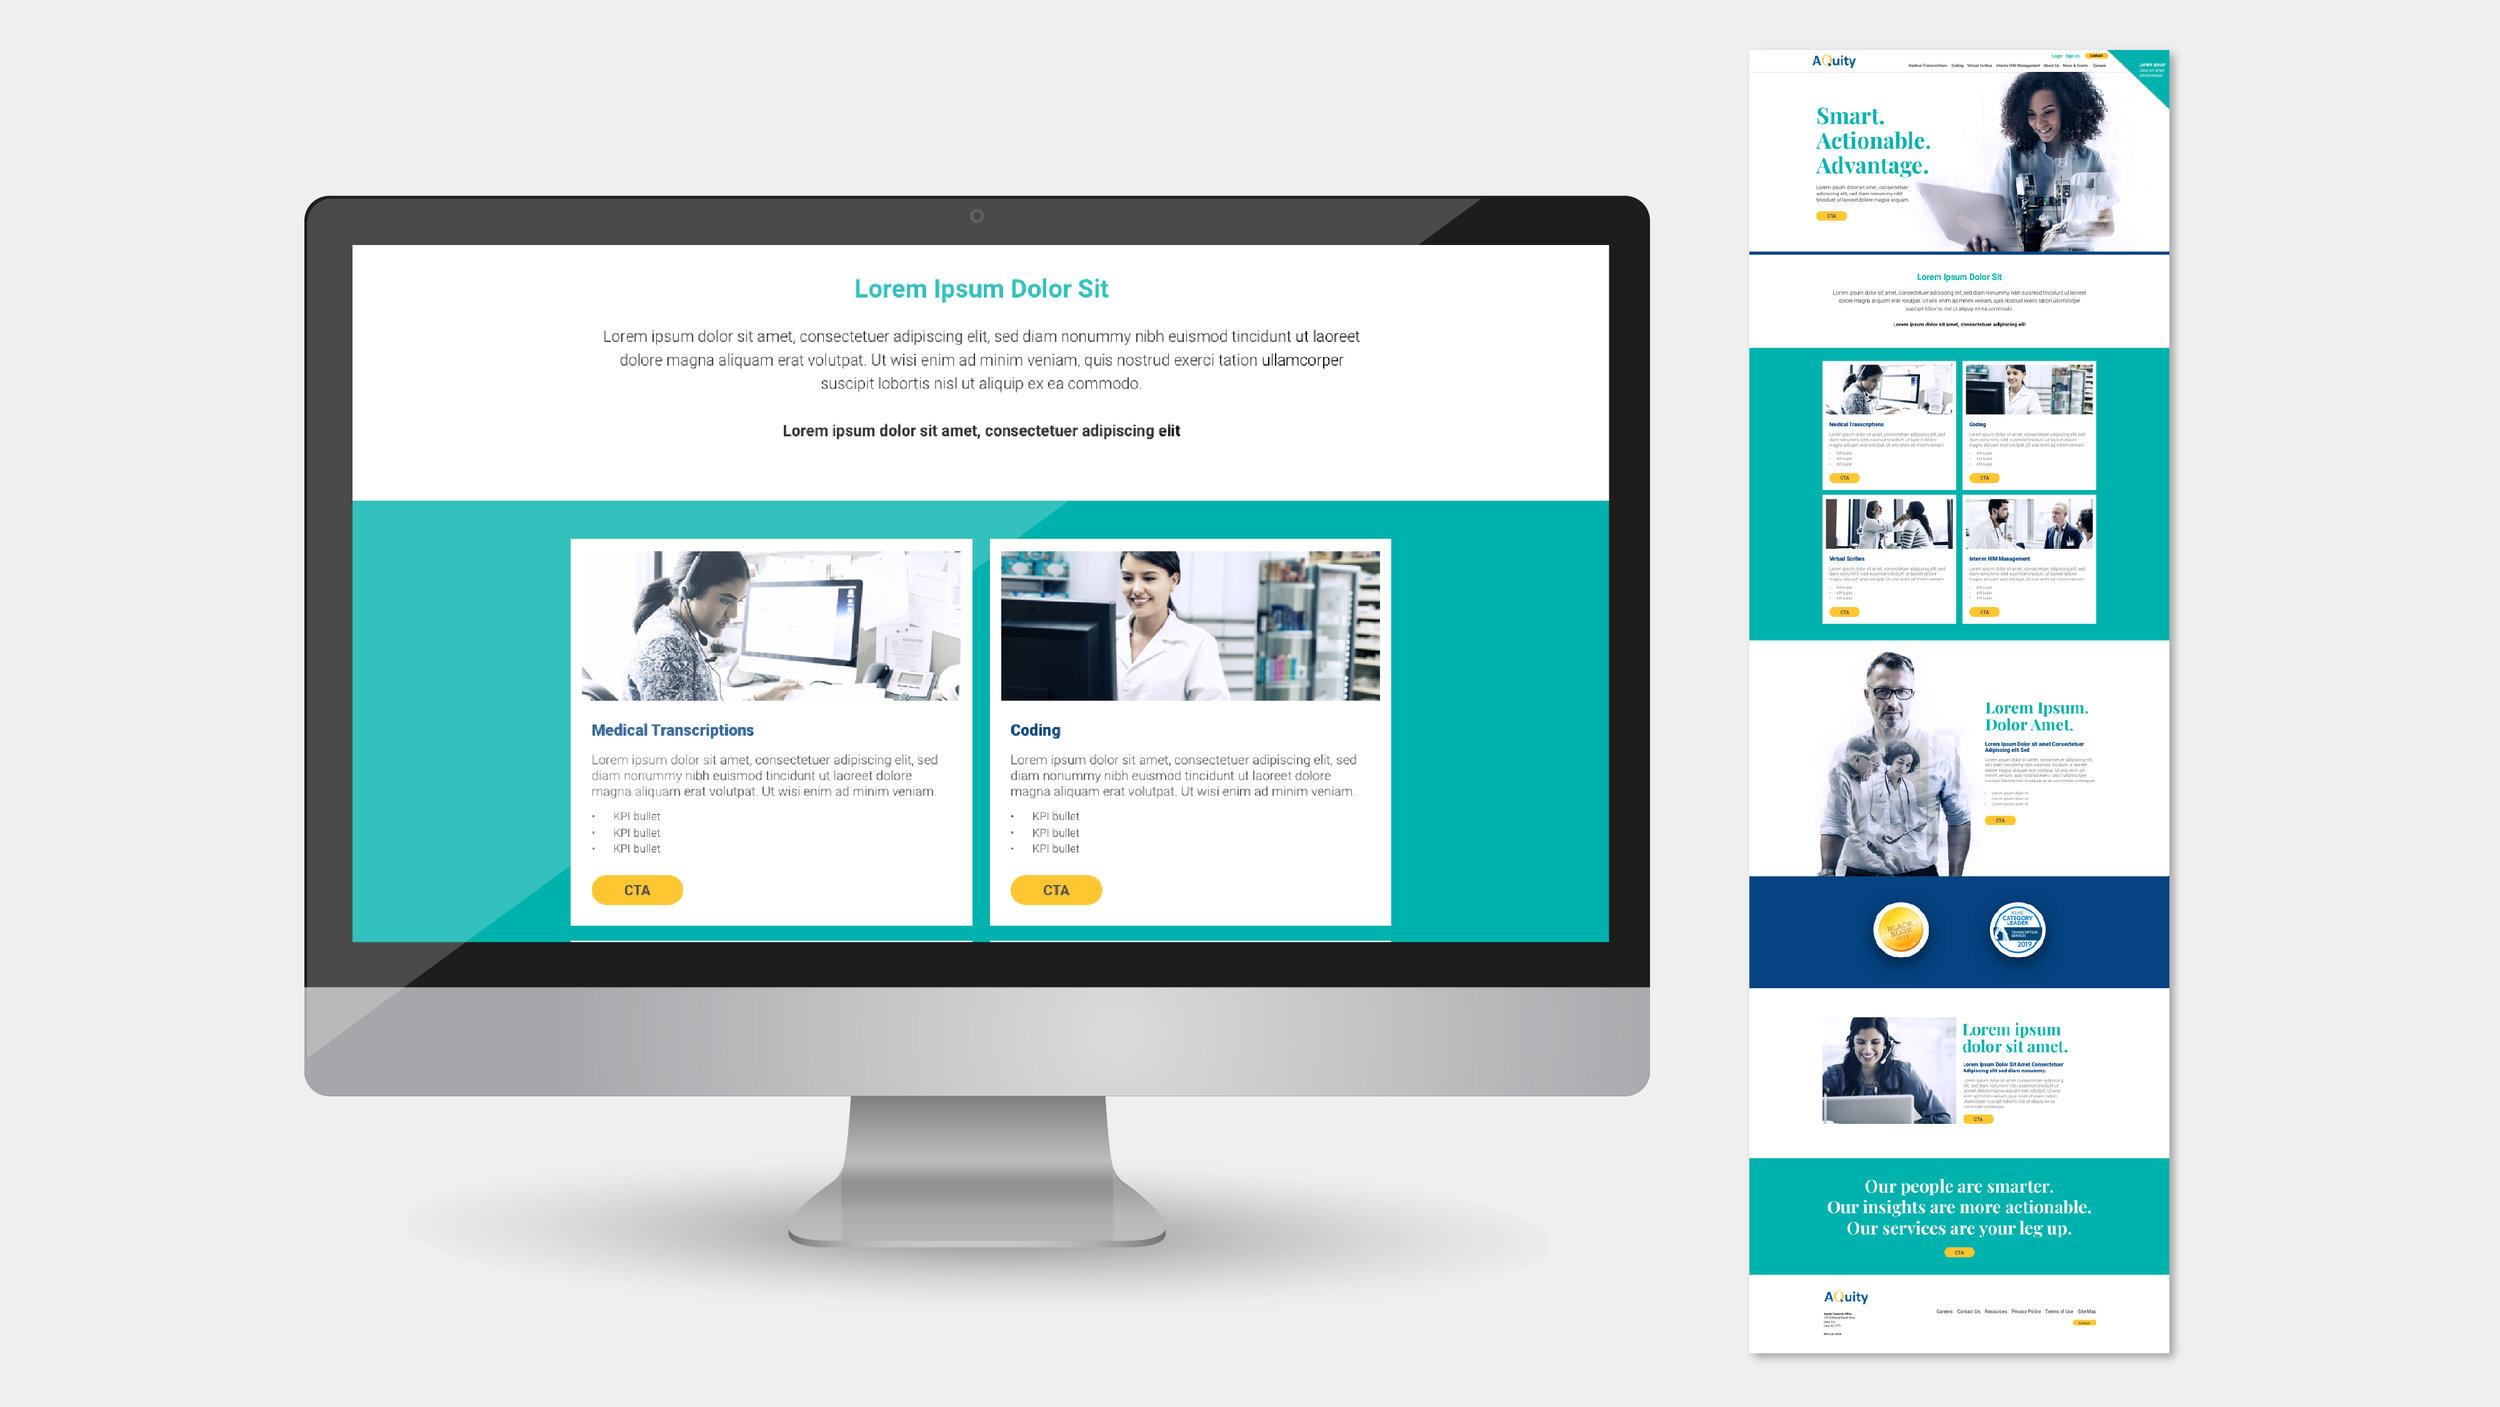 AQTY_homepage-02.jpg